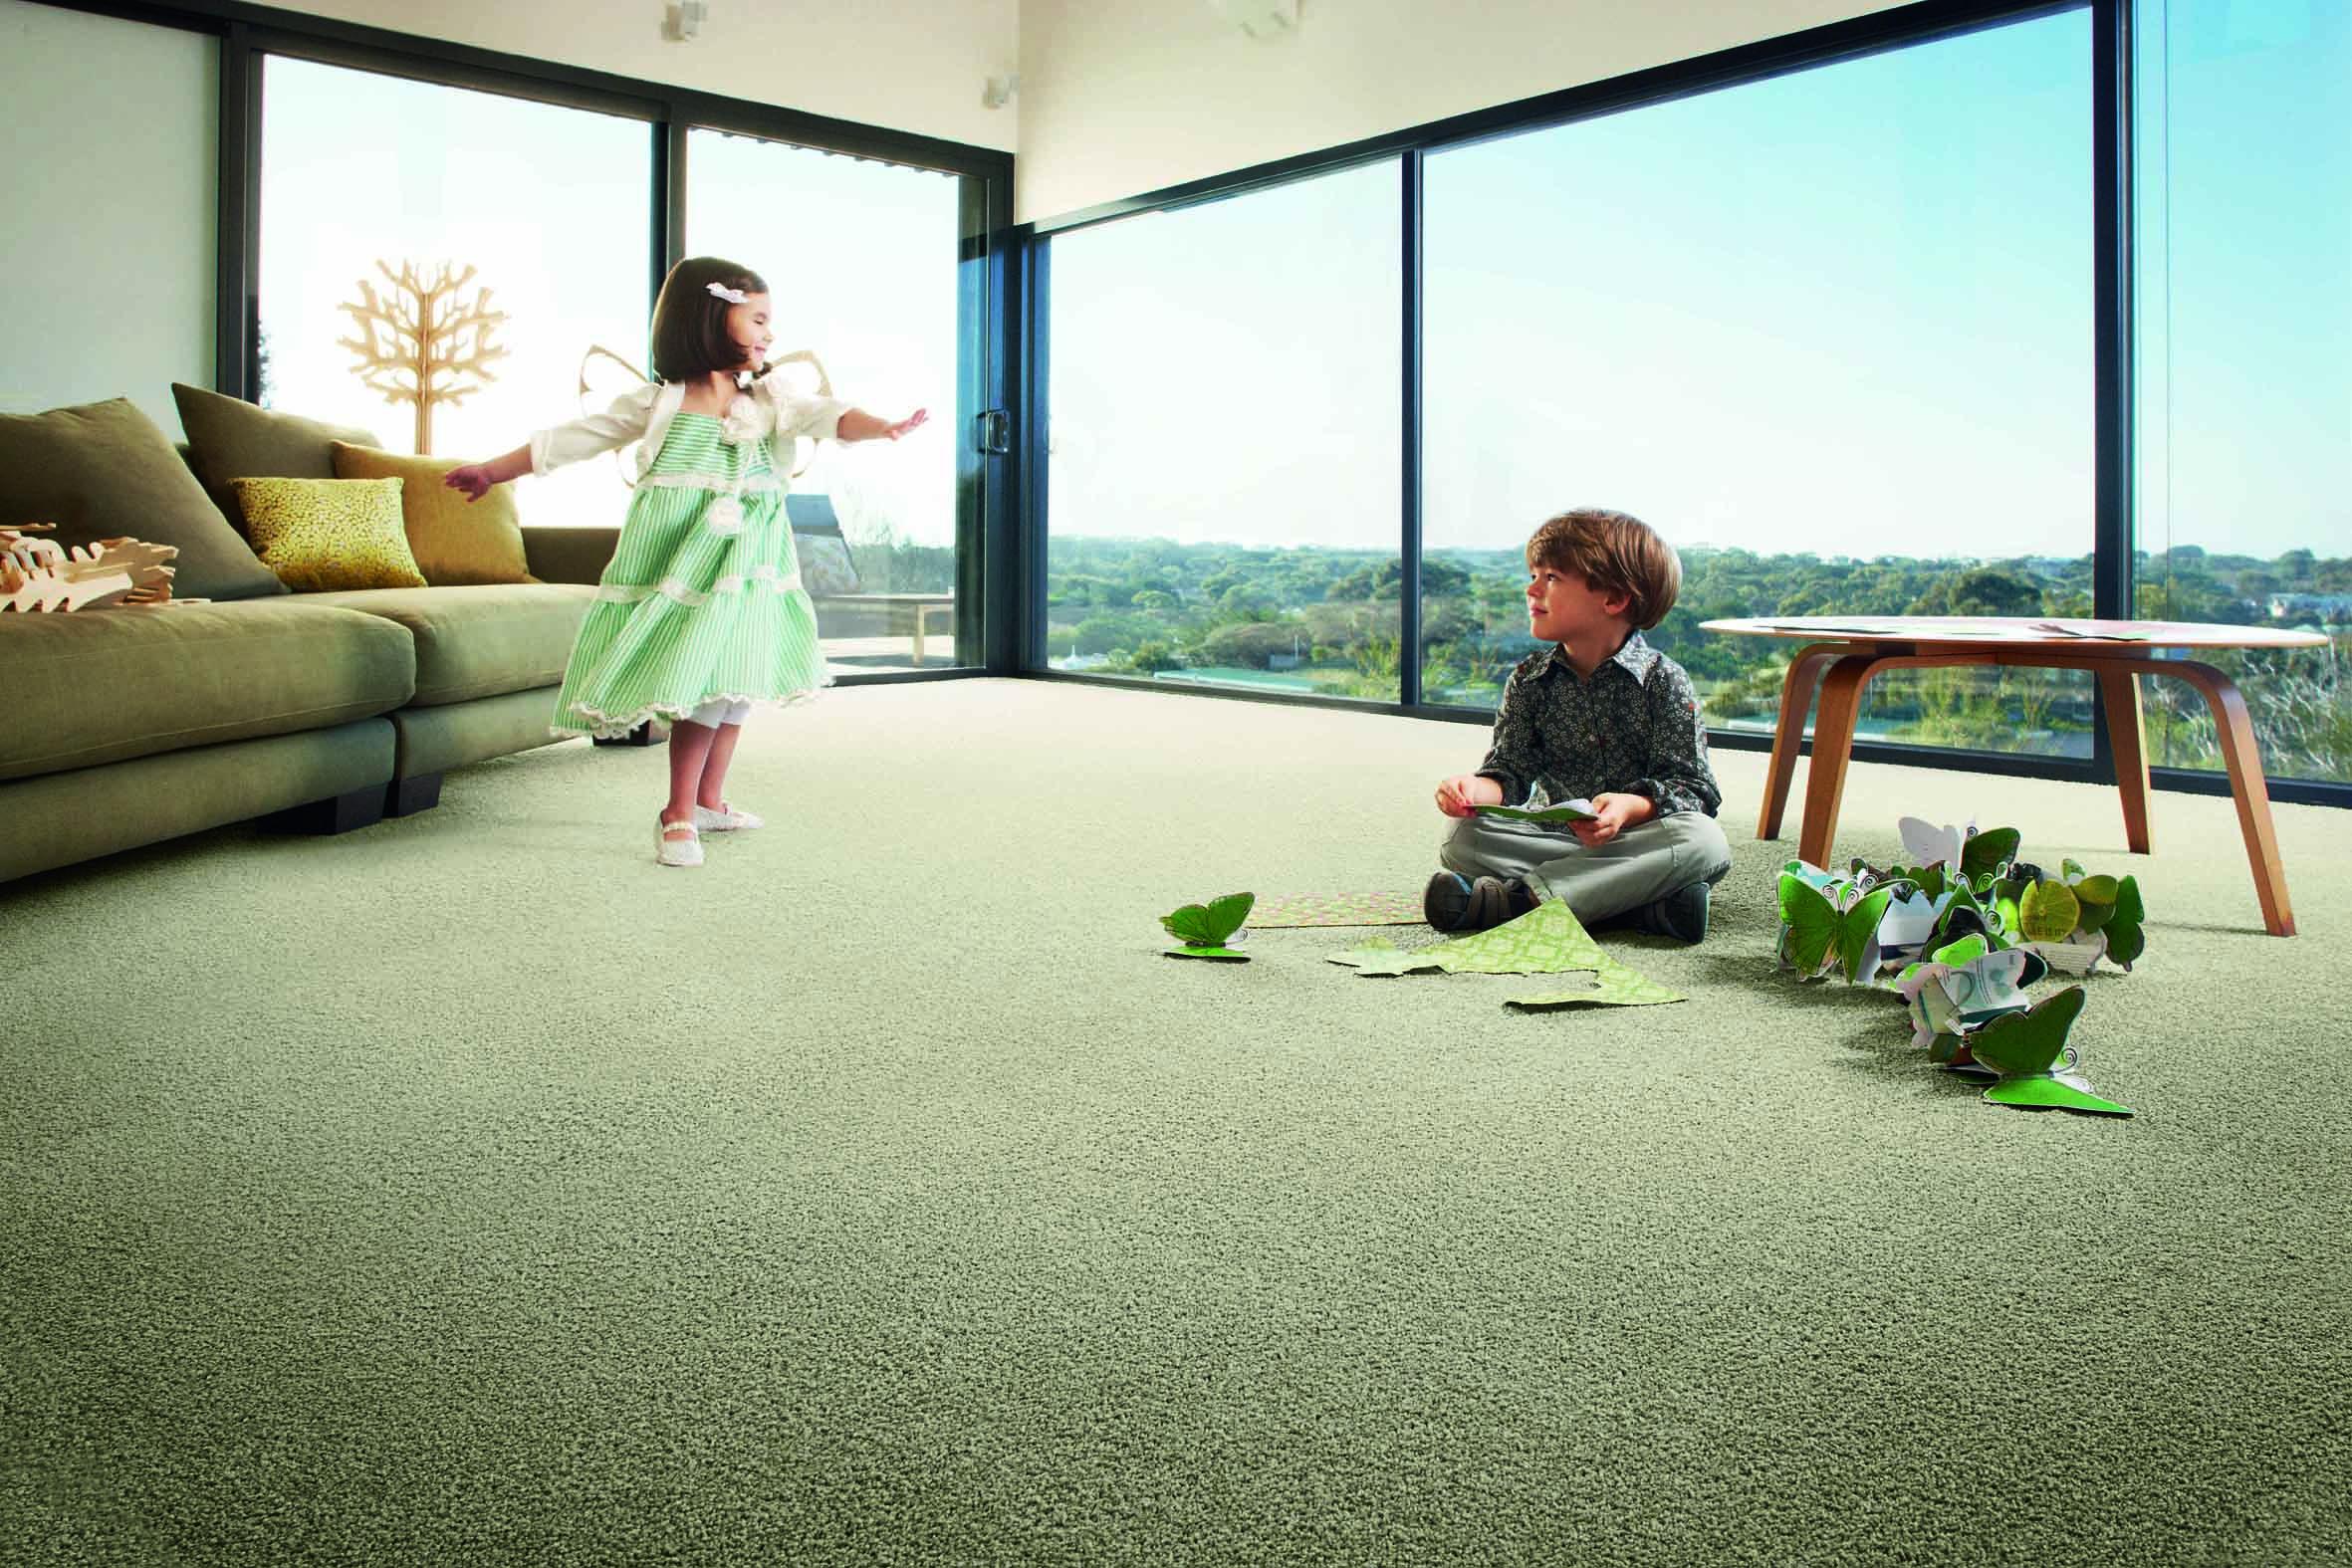 Giặt thảm để bảo vệ sức khỏe